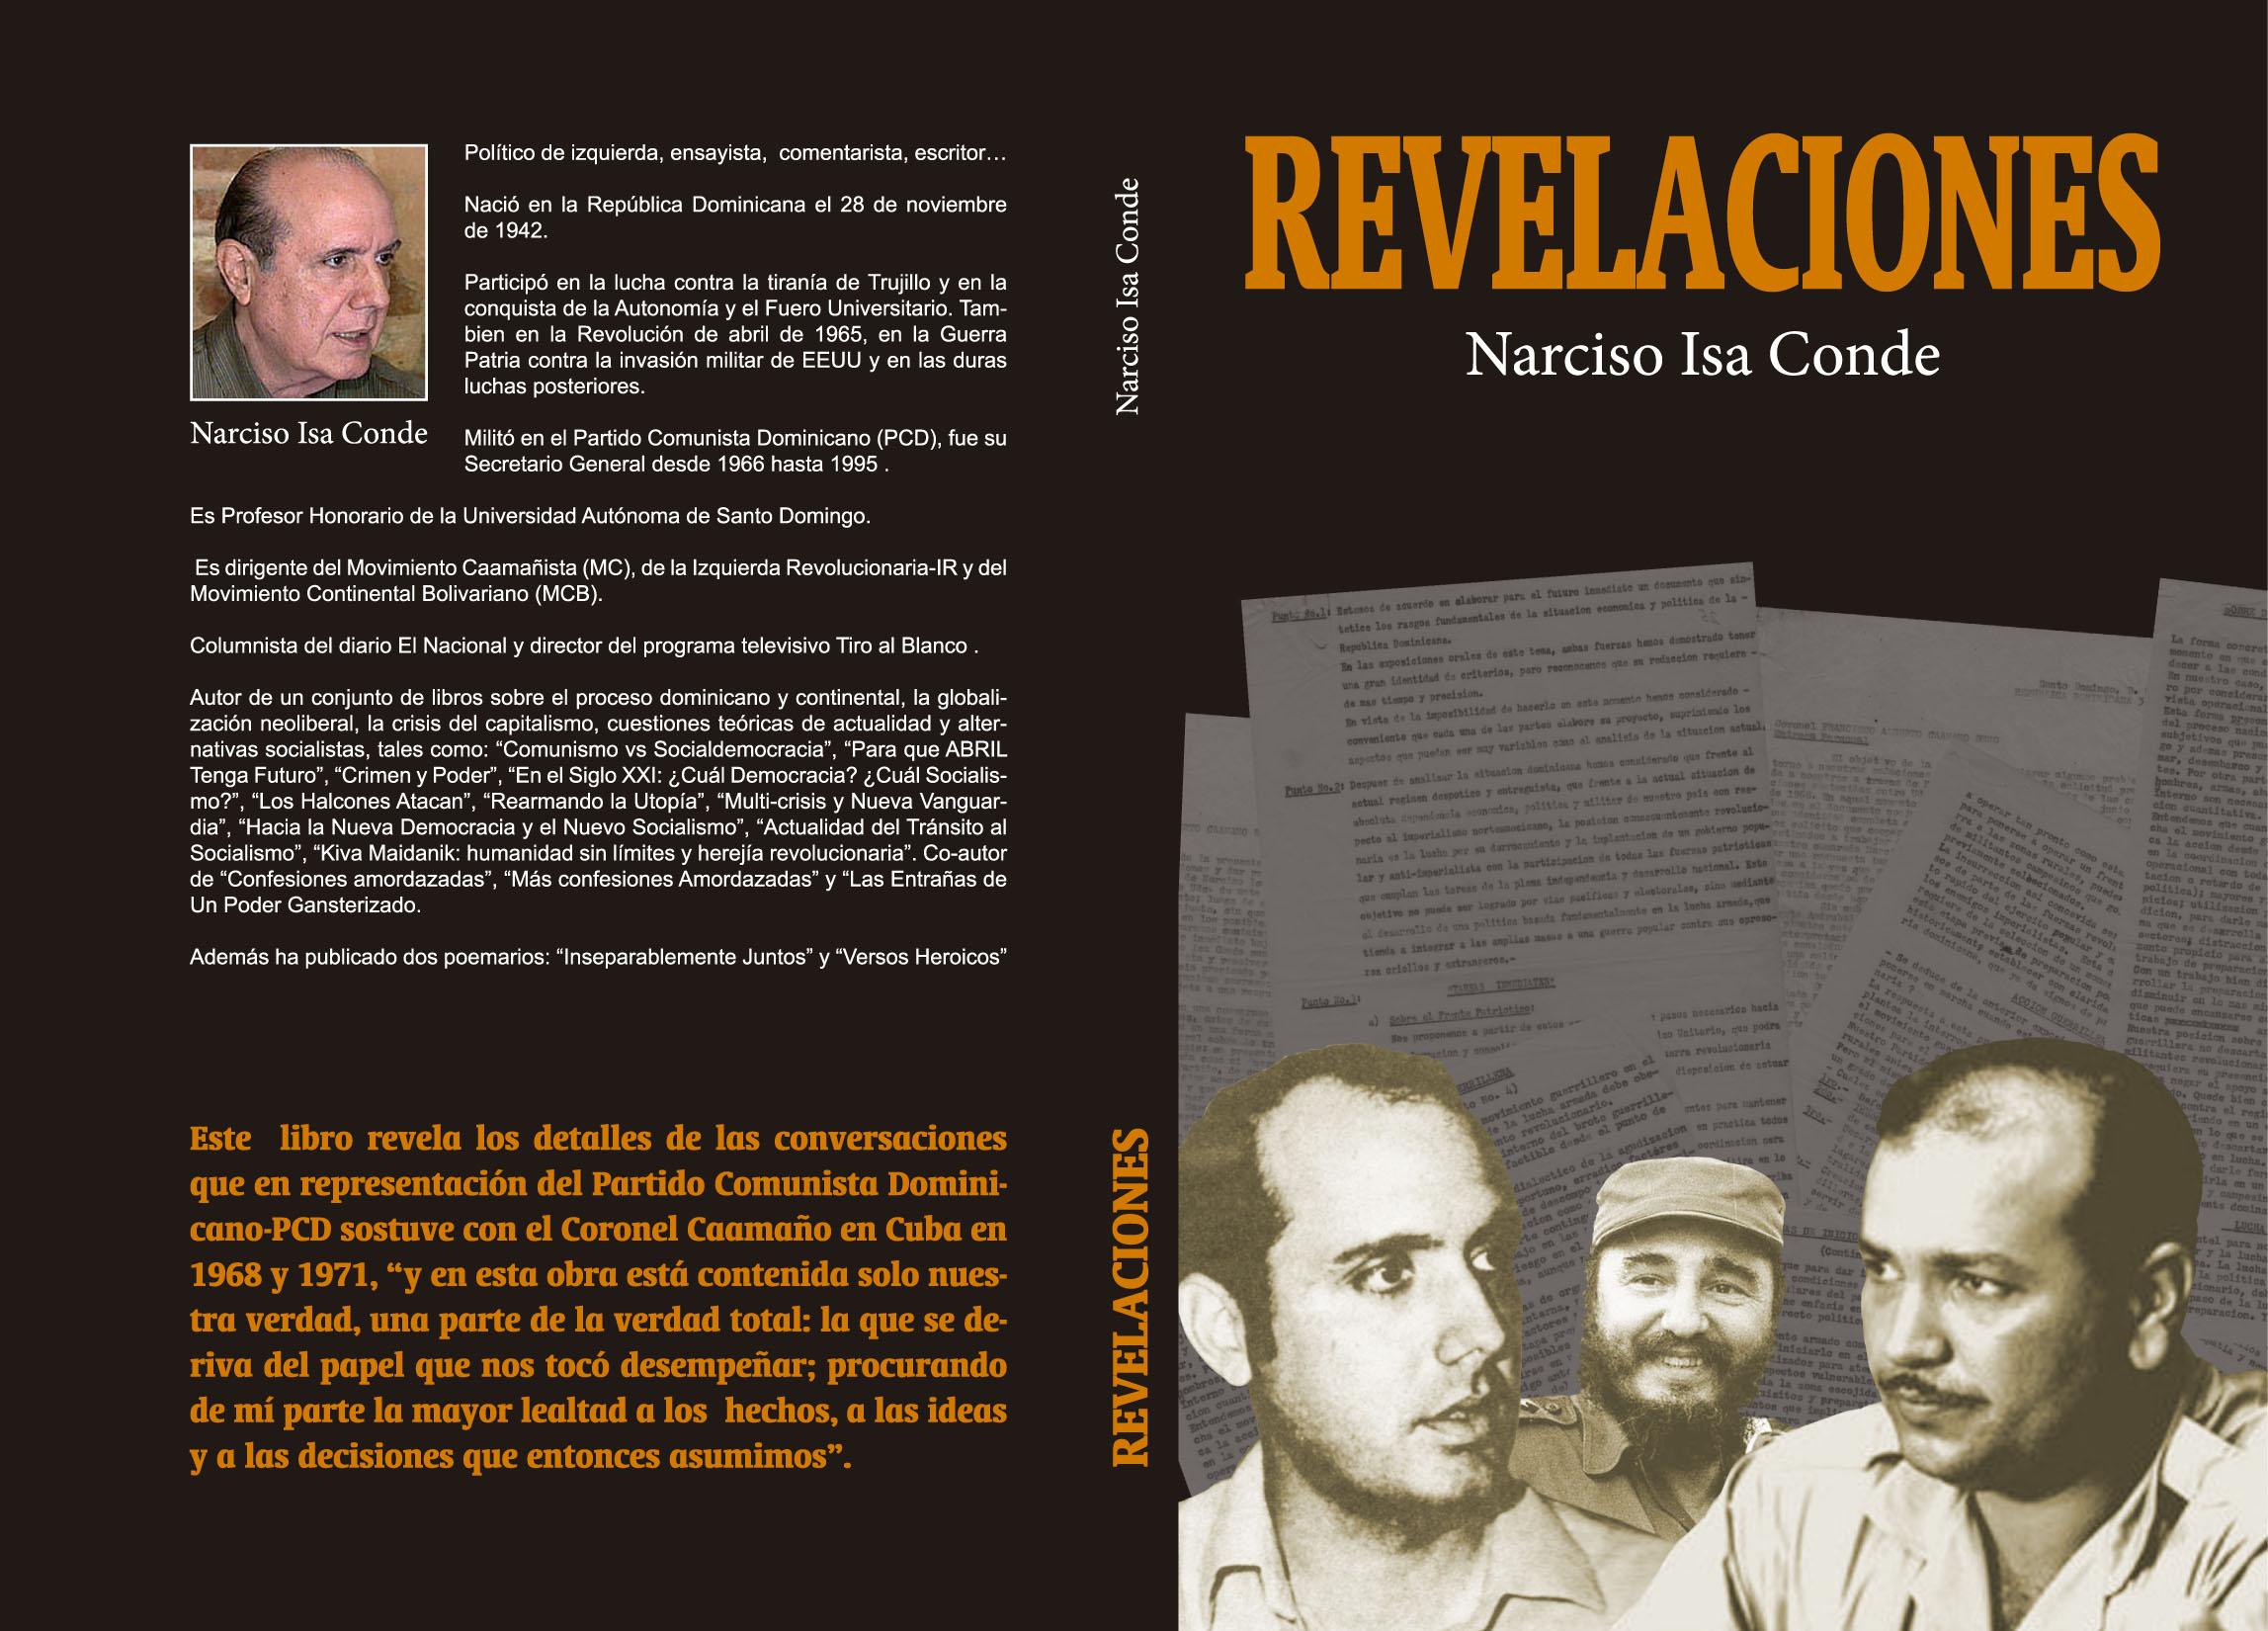 Revelaciones, el nuevo libro de Narciso Isa Conde